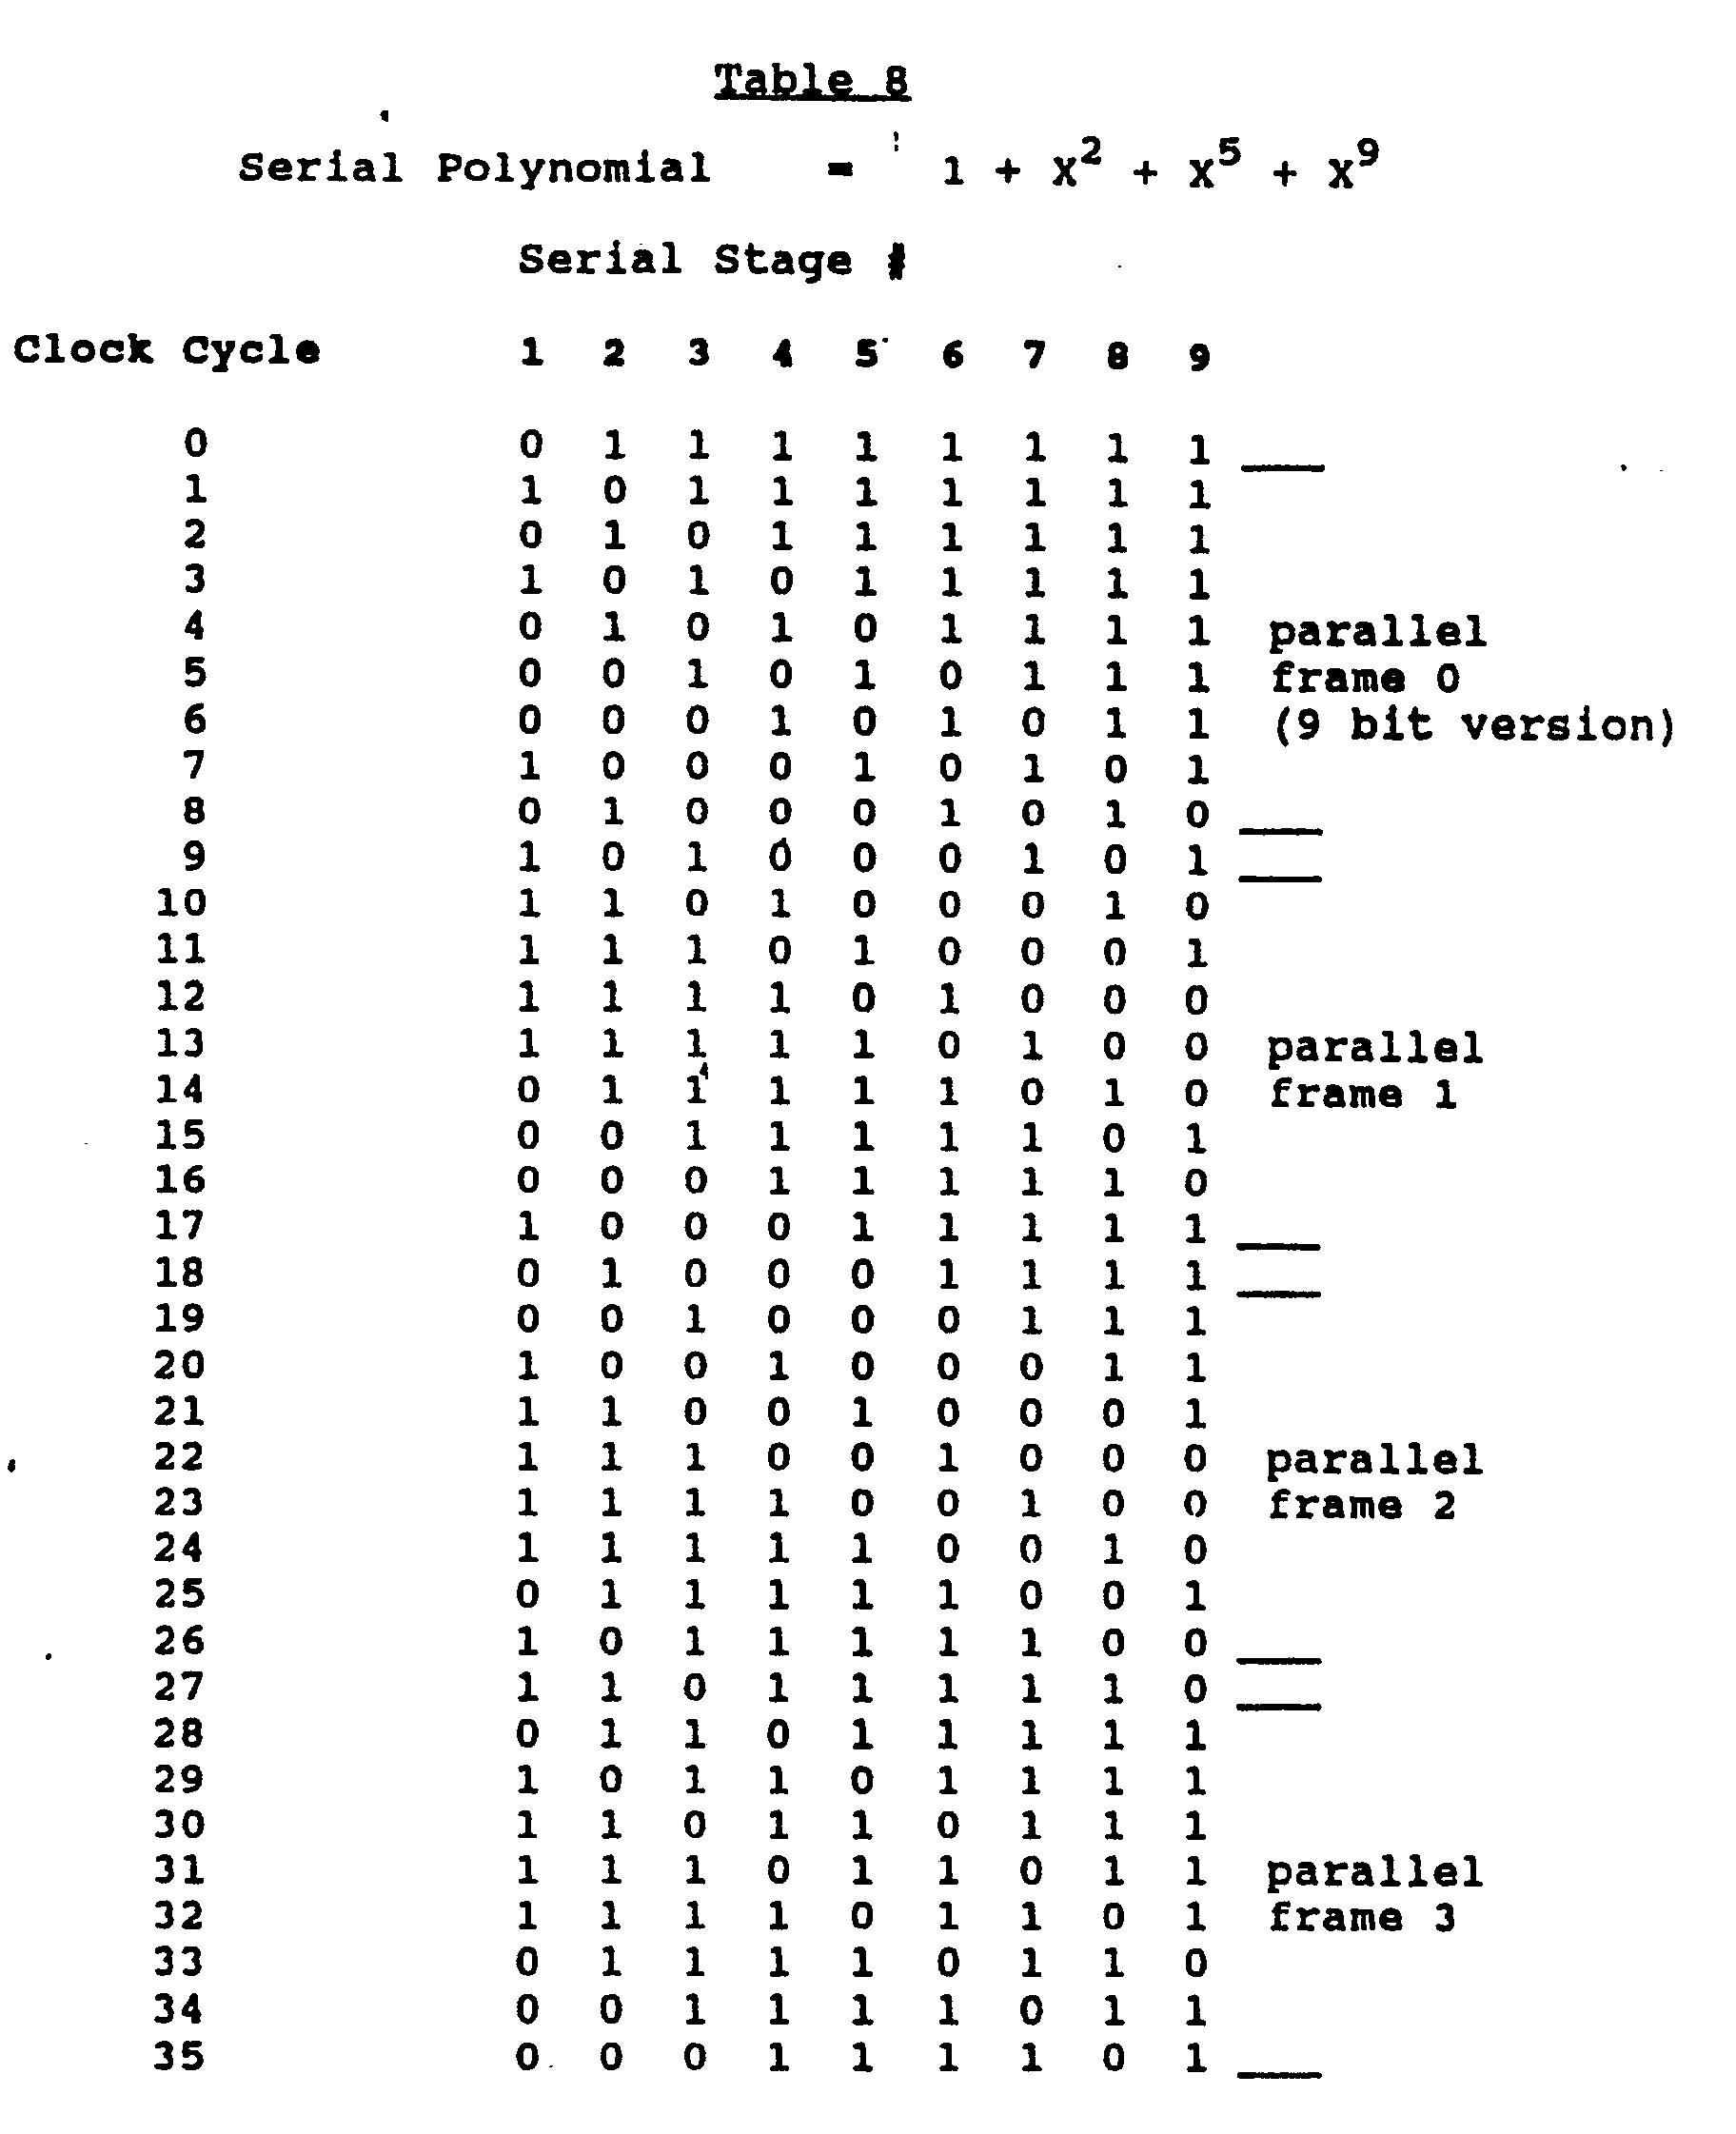 ep0397079a2 - parallel pseudo-random generator for emulating a